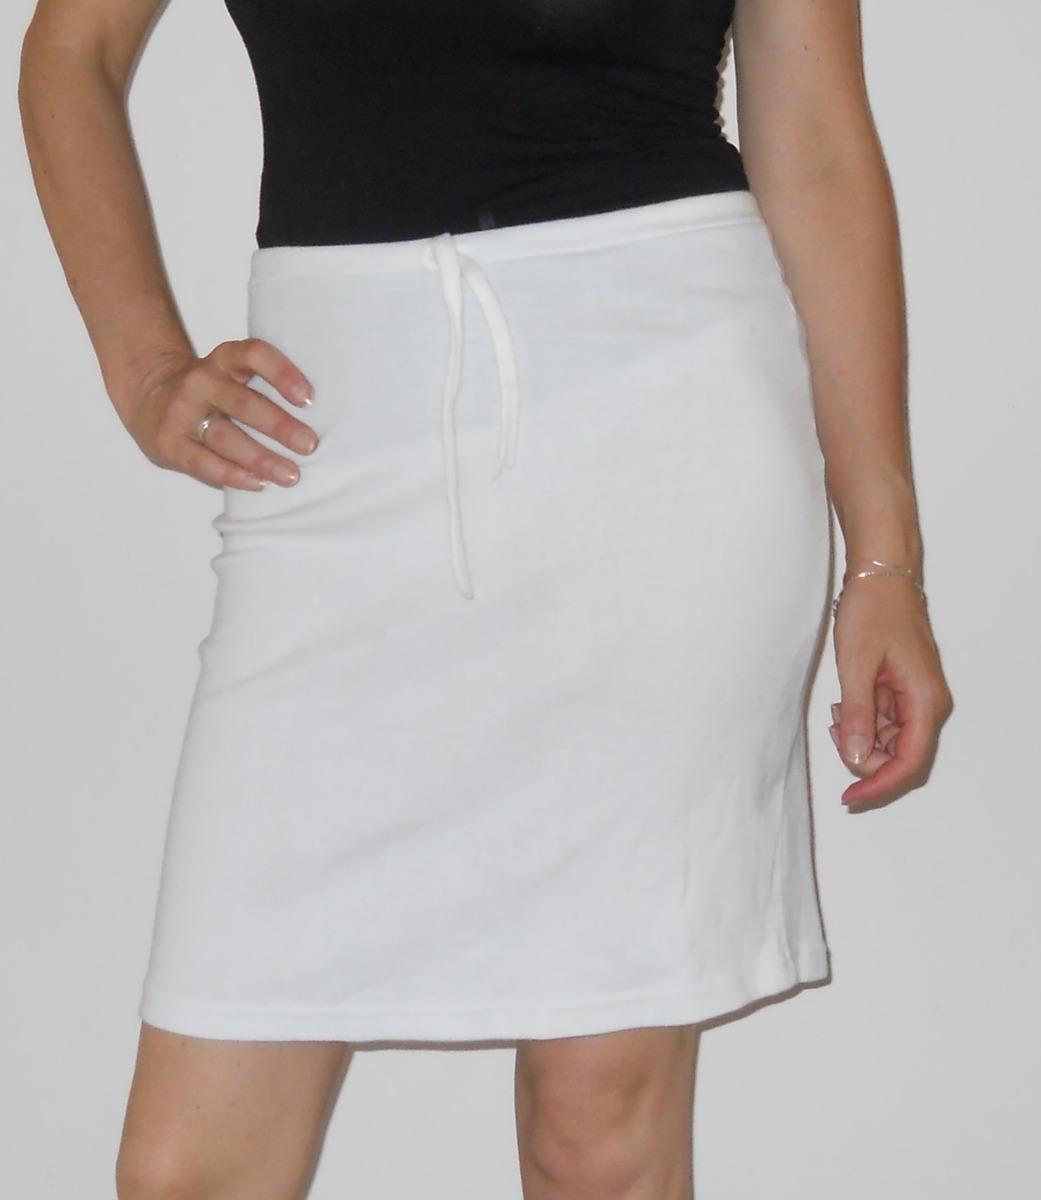 Pollera falda blanca tubo de algodón en mercado libre jpg 1041x1200 Tubo  faldas de los 80 78c4a8245a8c